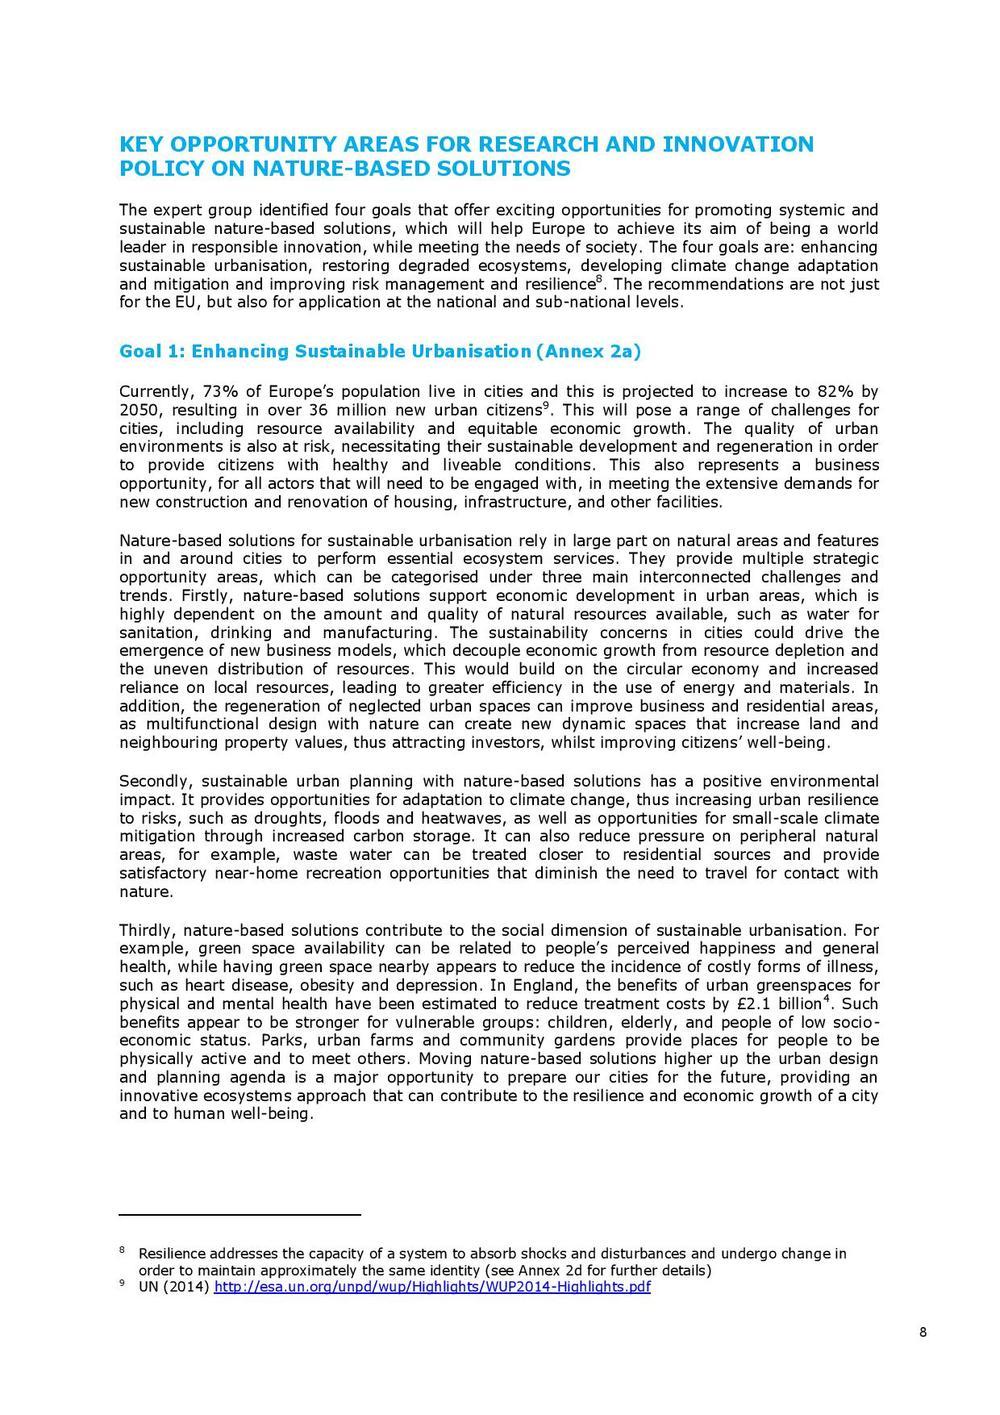 DG RTD_WEB-Publication A4_NBS_long_version_20150310-page-010.jpg